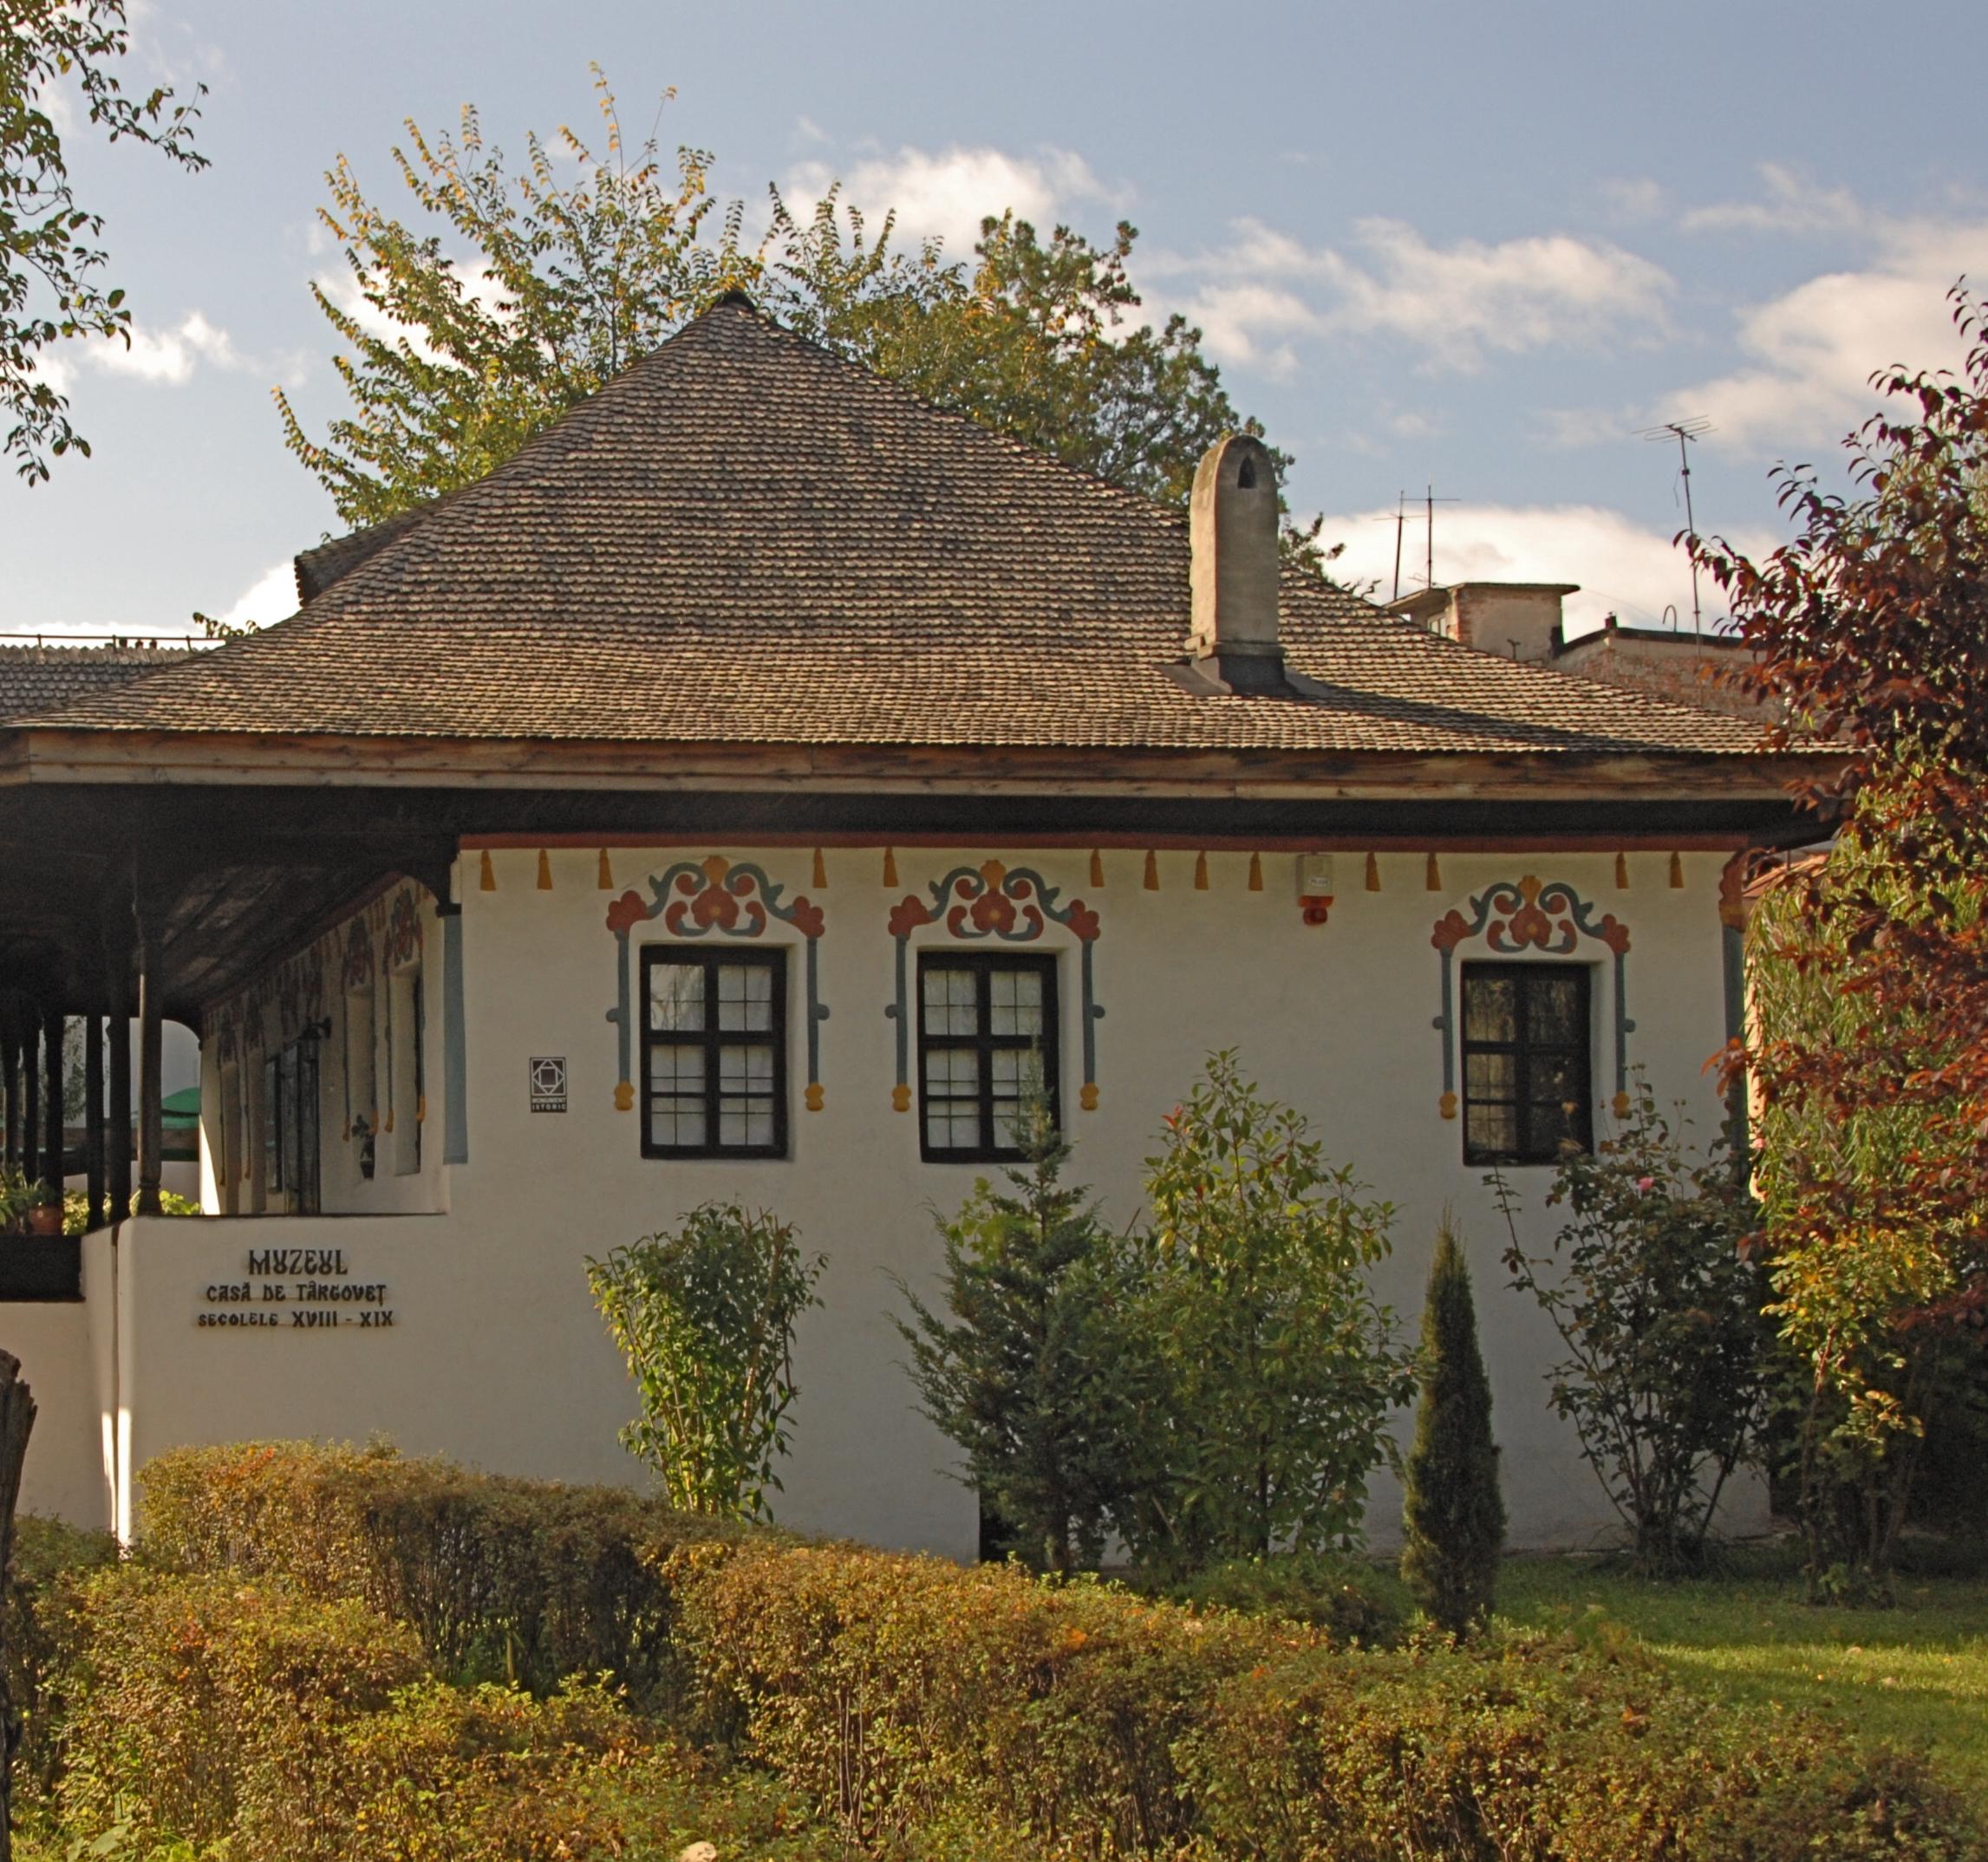 """Vă invităm să vizionați filmul de prezentare al Muzeului """"Casă de Târgoveț din secolele al XVIII-lea - al XIX-lea"""", accesând linkul  Vizionare plăcută!"""